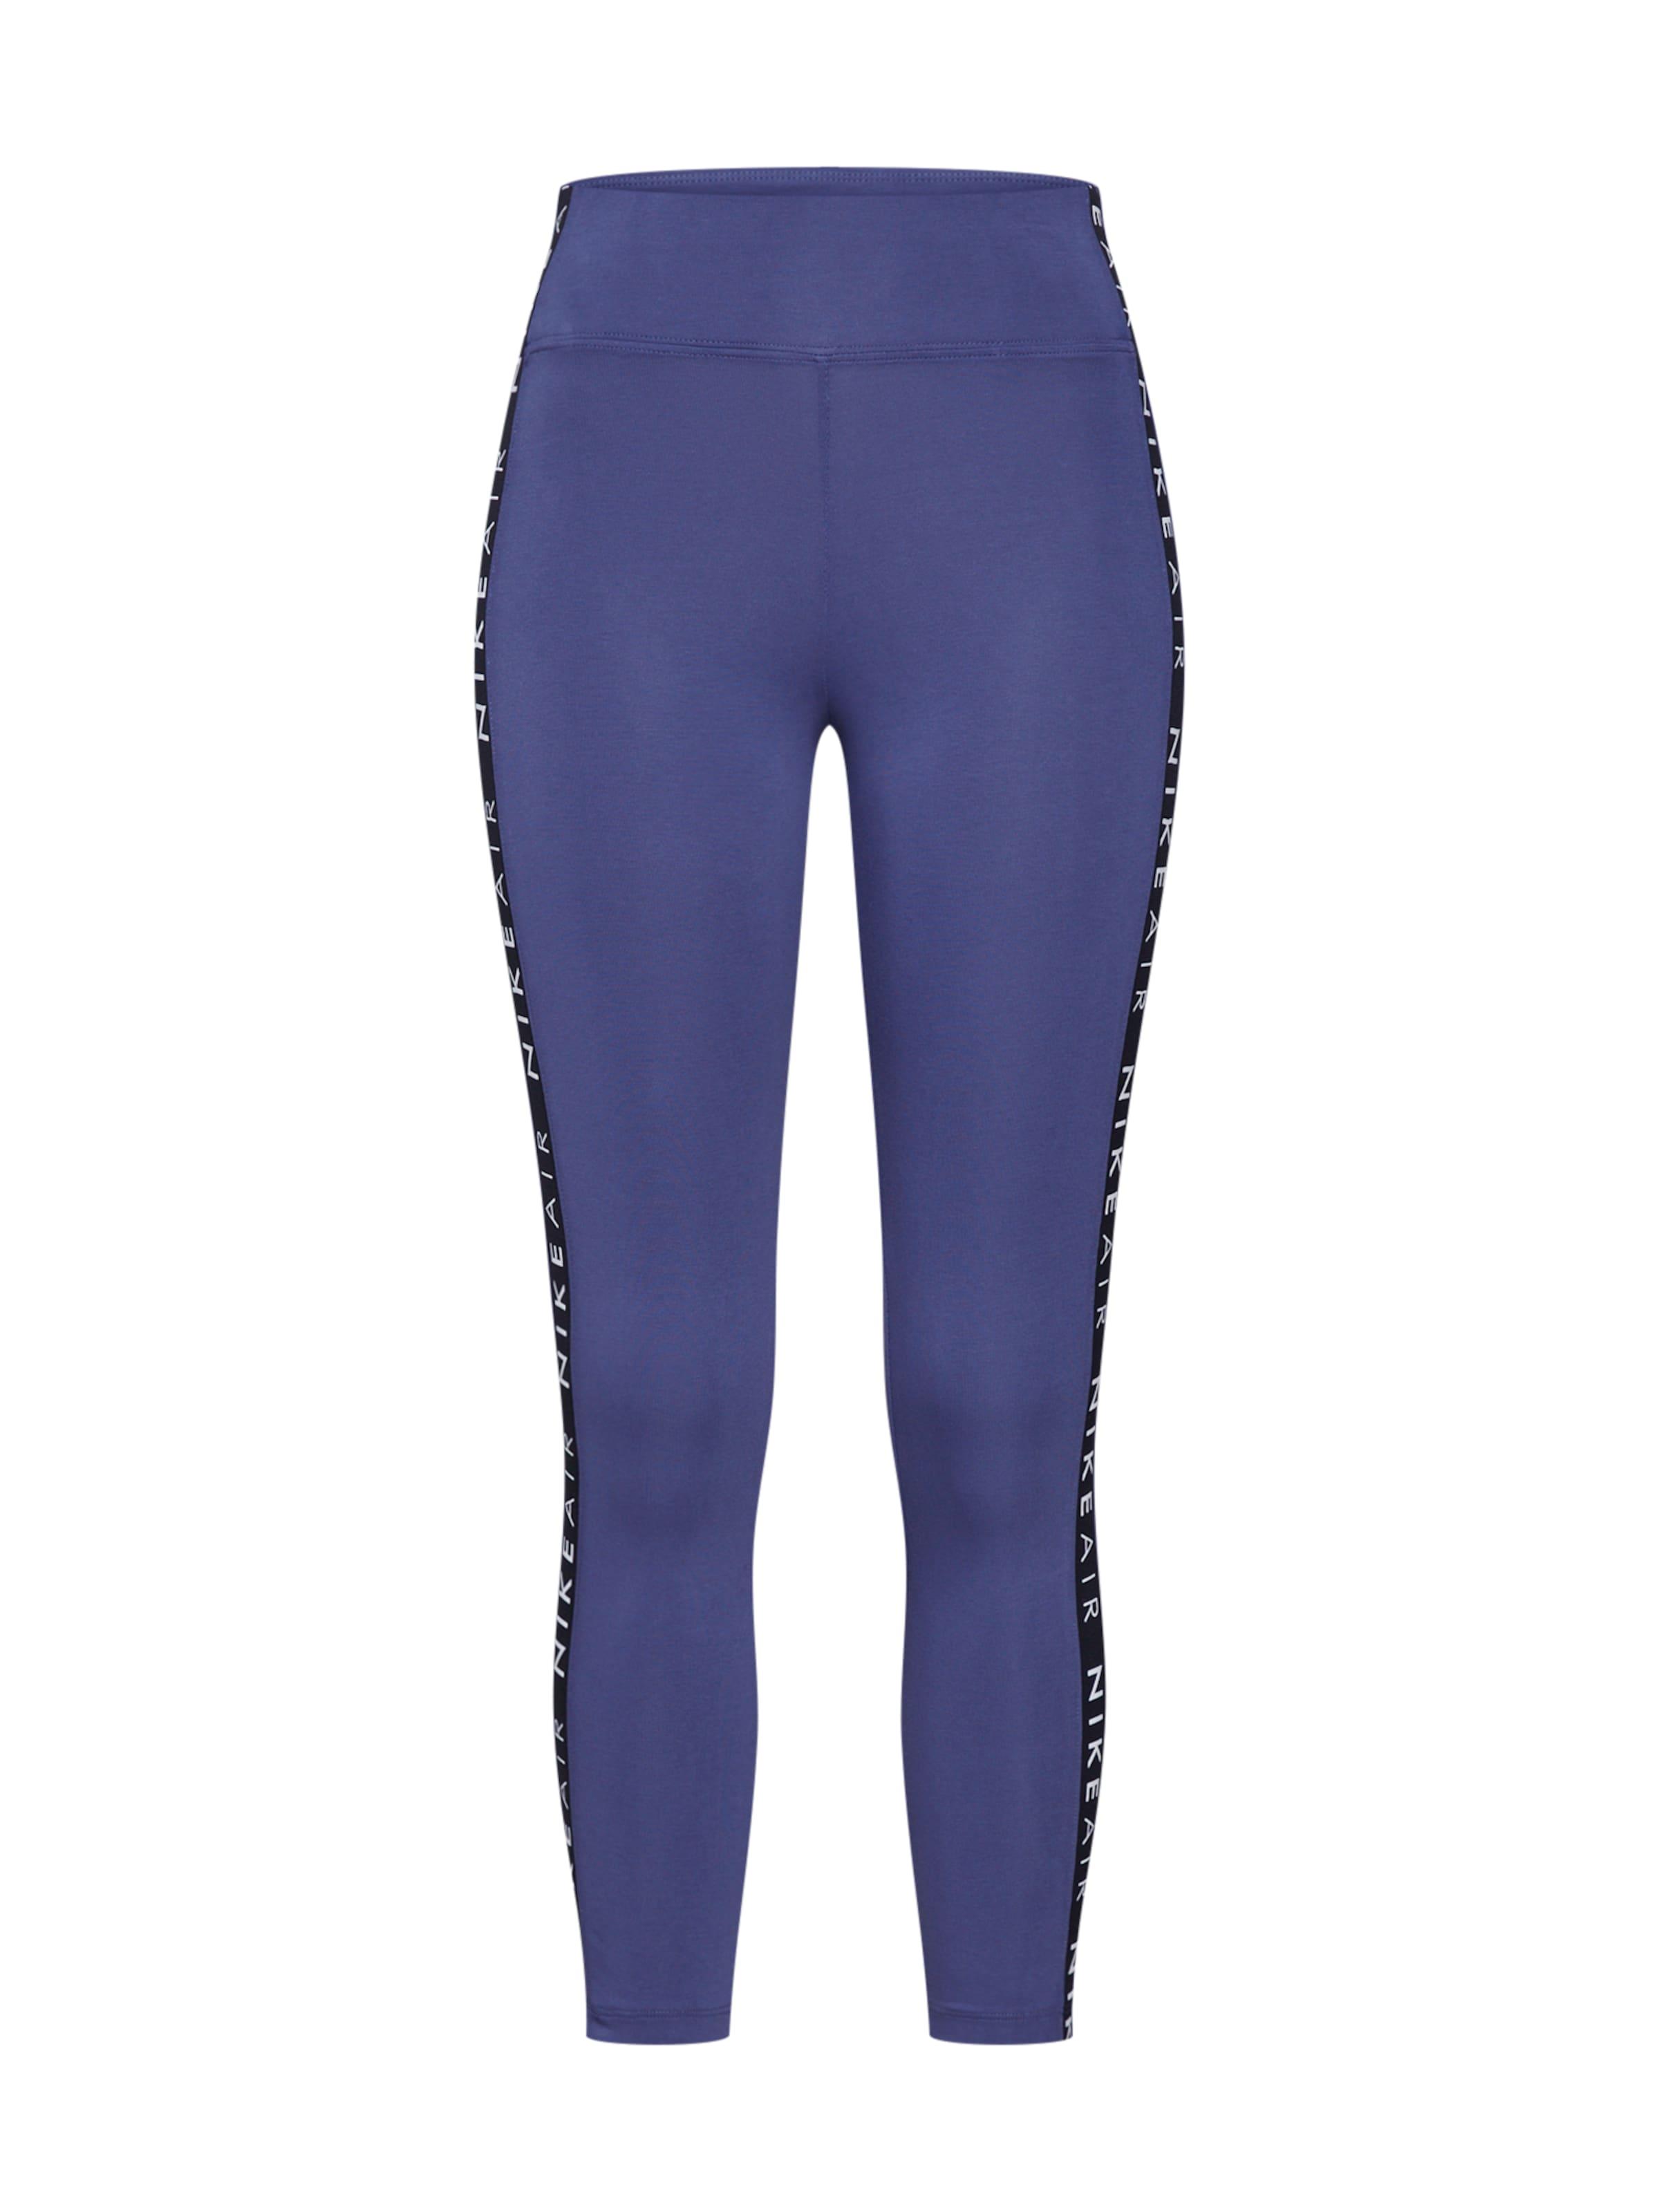 'air' Nike Sportswear Leggings Aubergine In WEH29DYeI